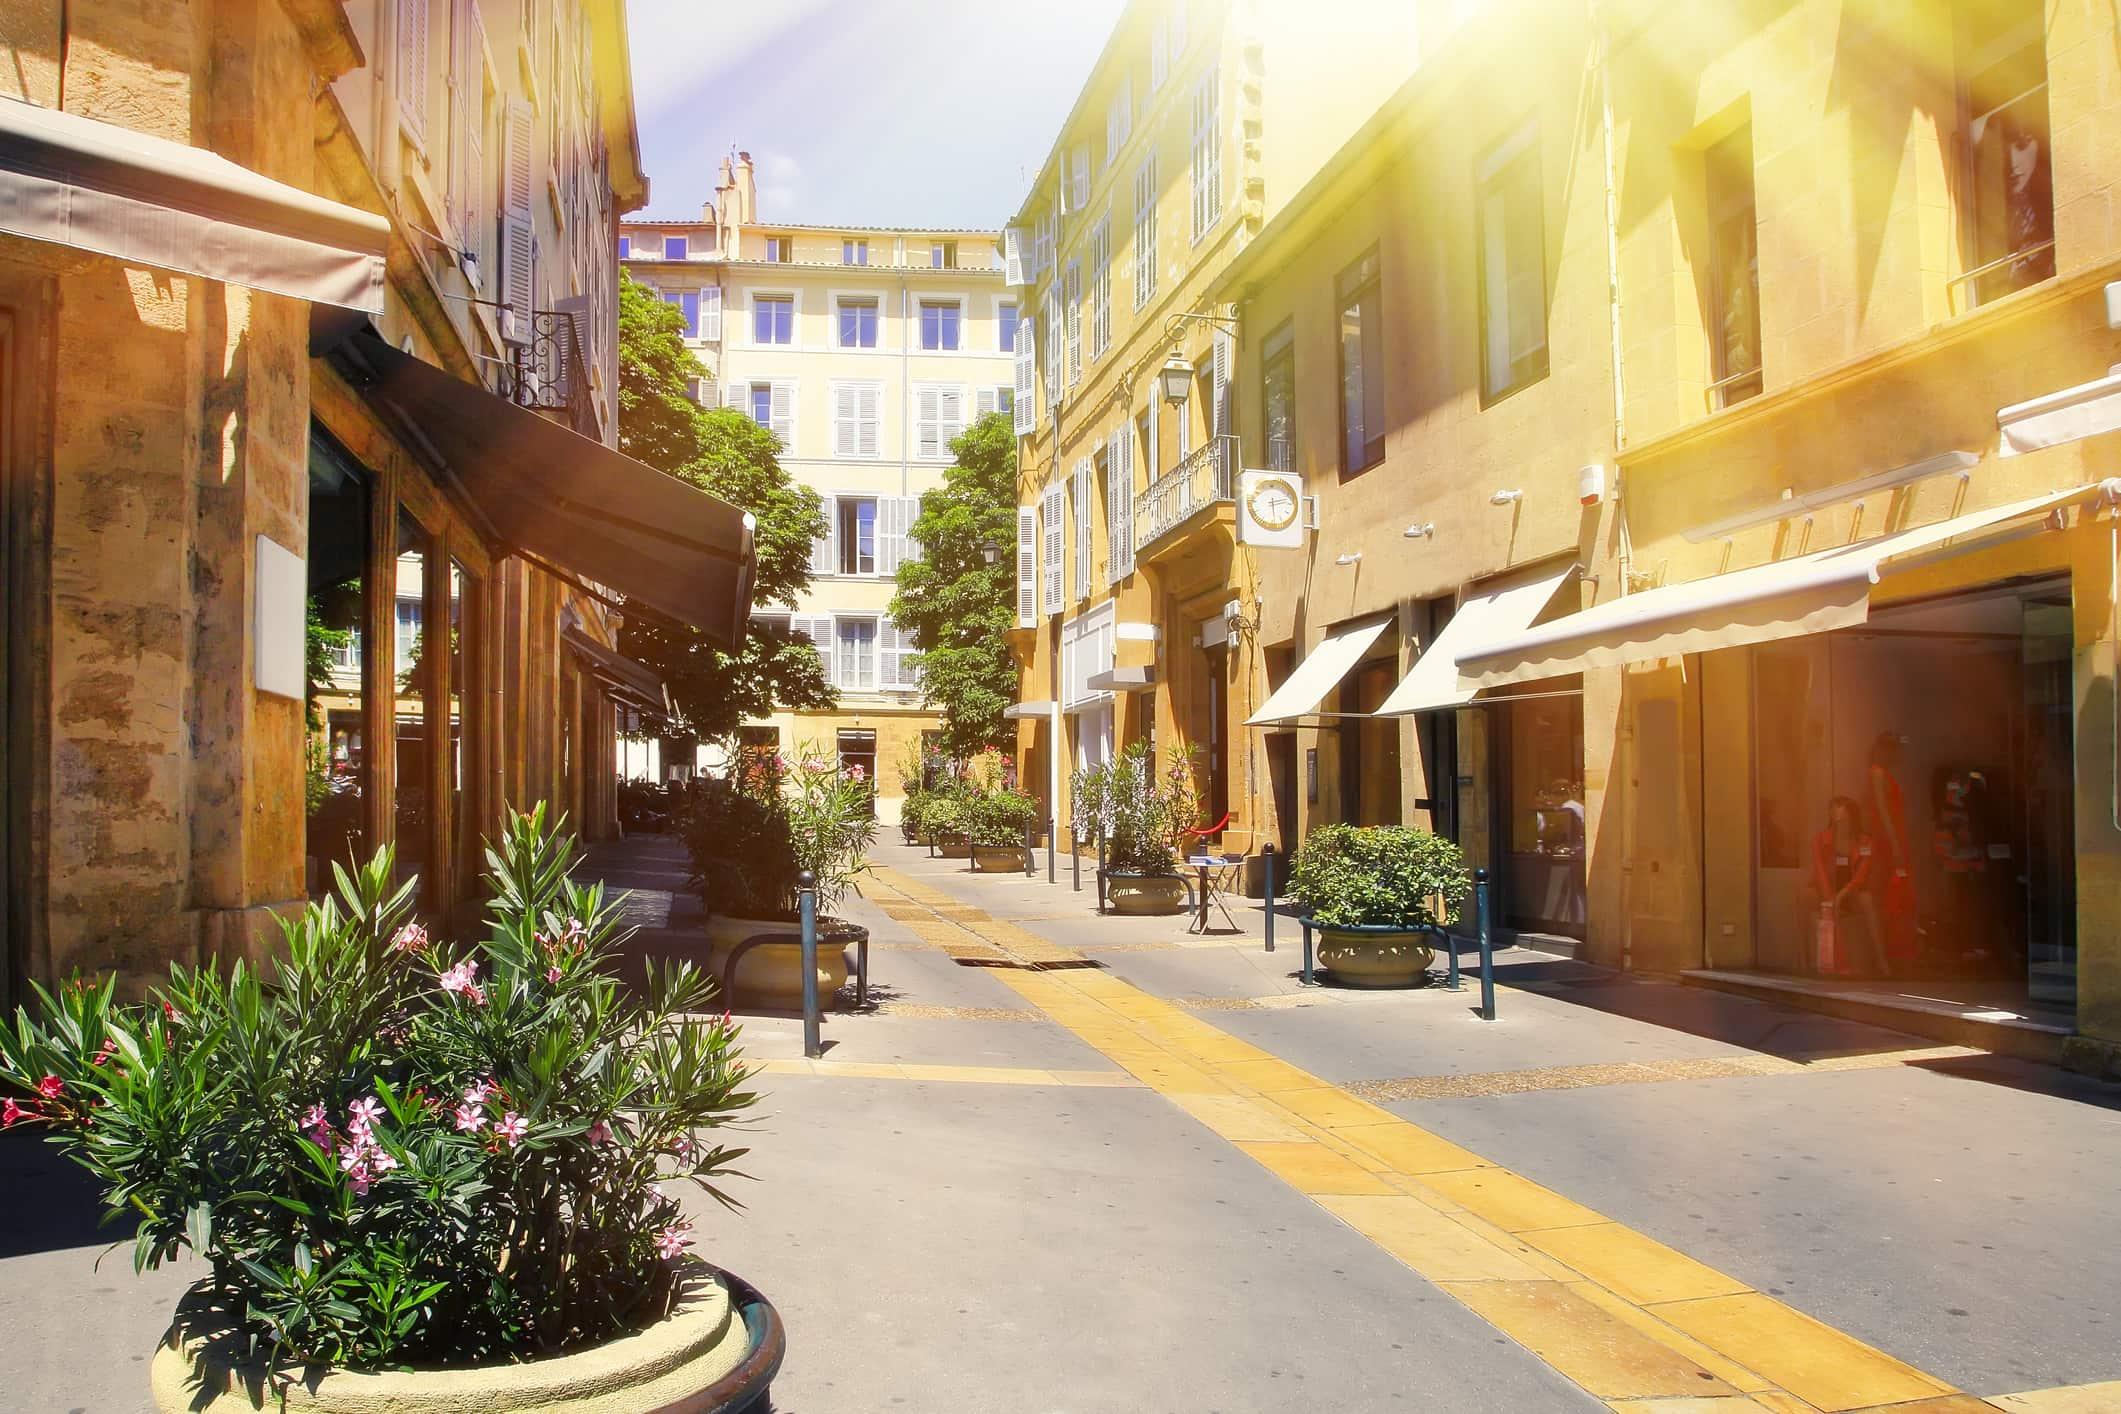 Rue Aix-en-Provence